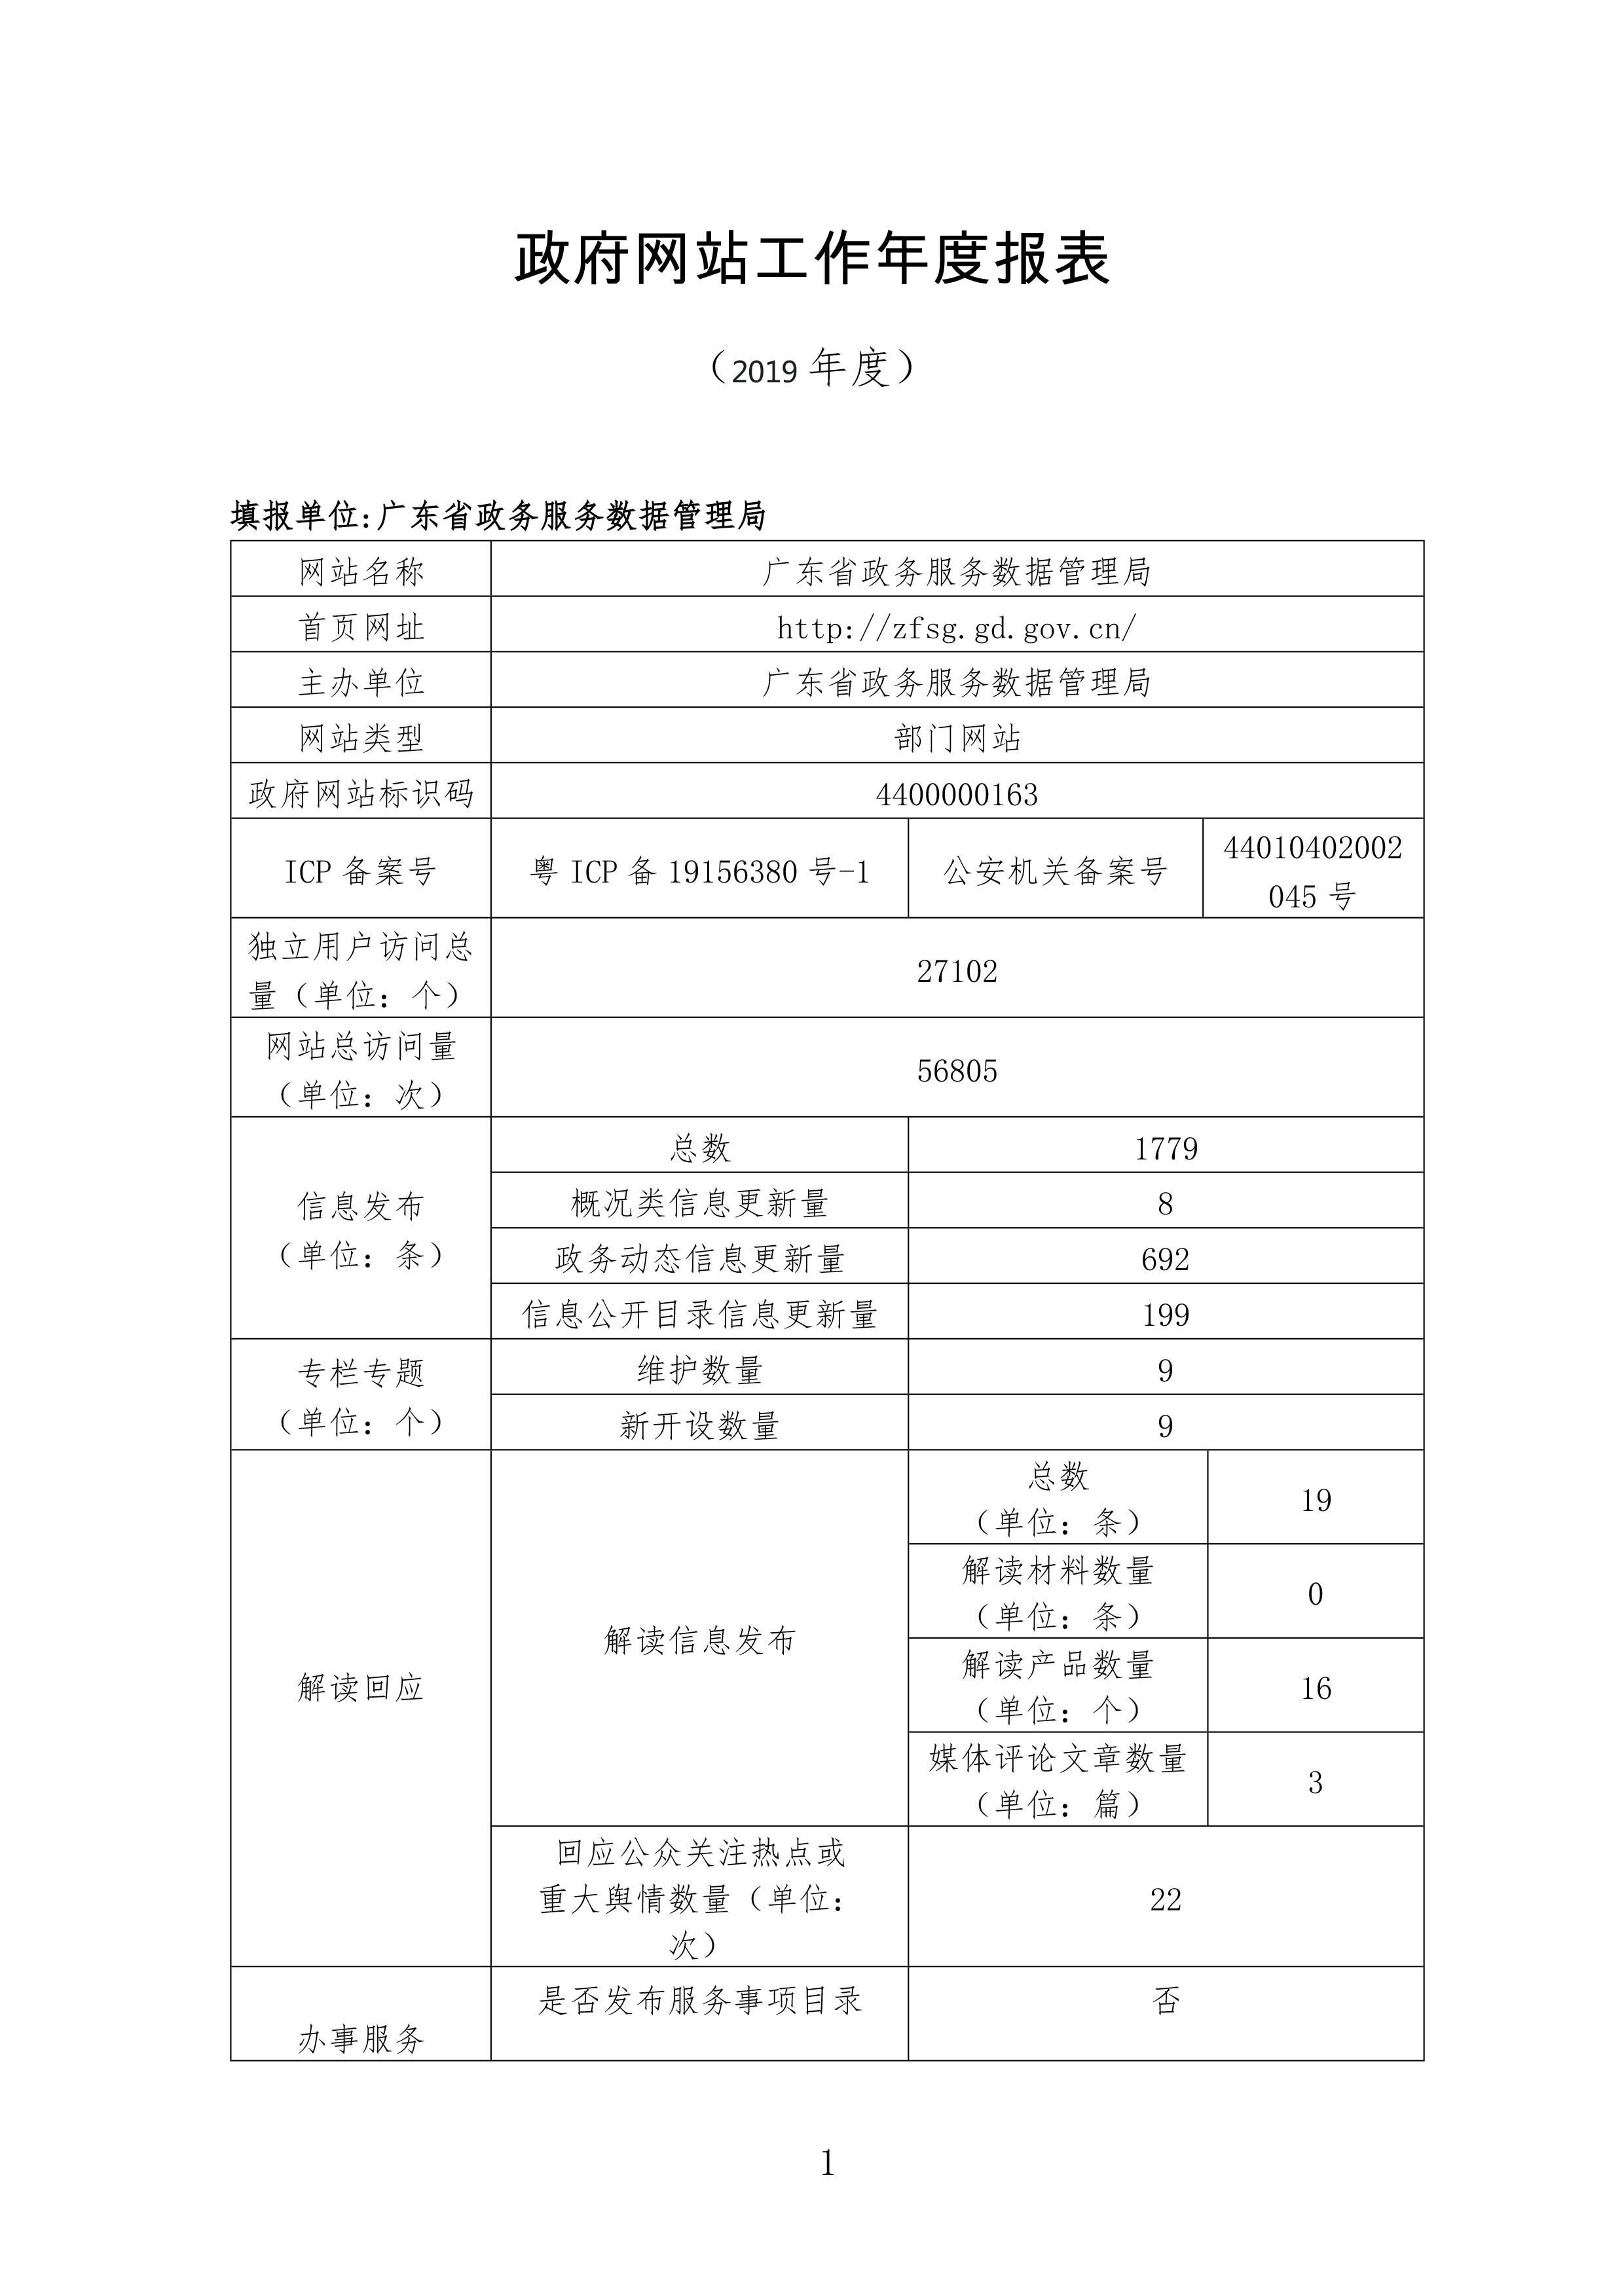 政府网站工作报表2019-1.jpg